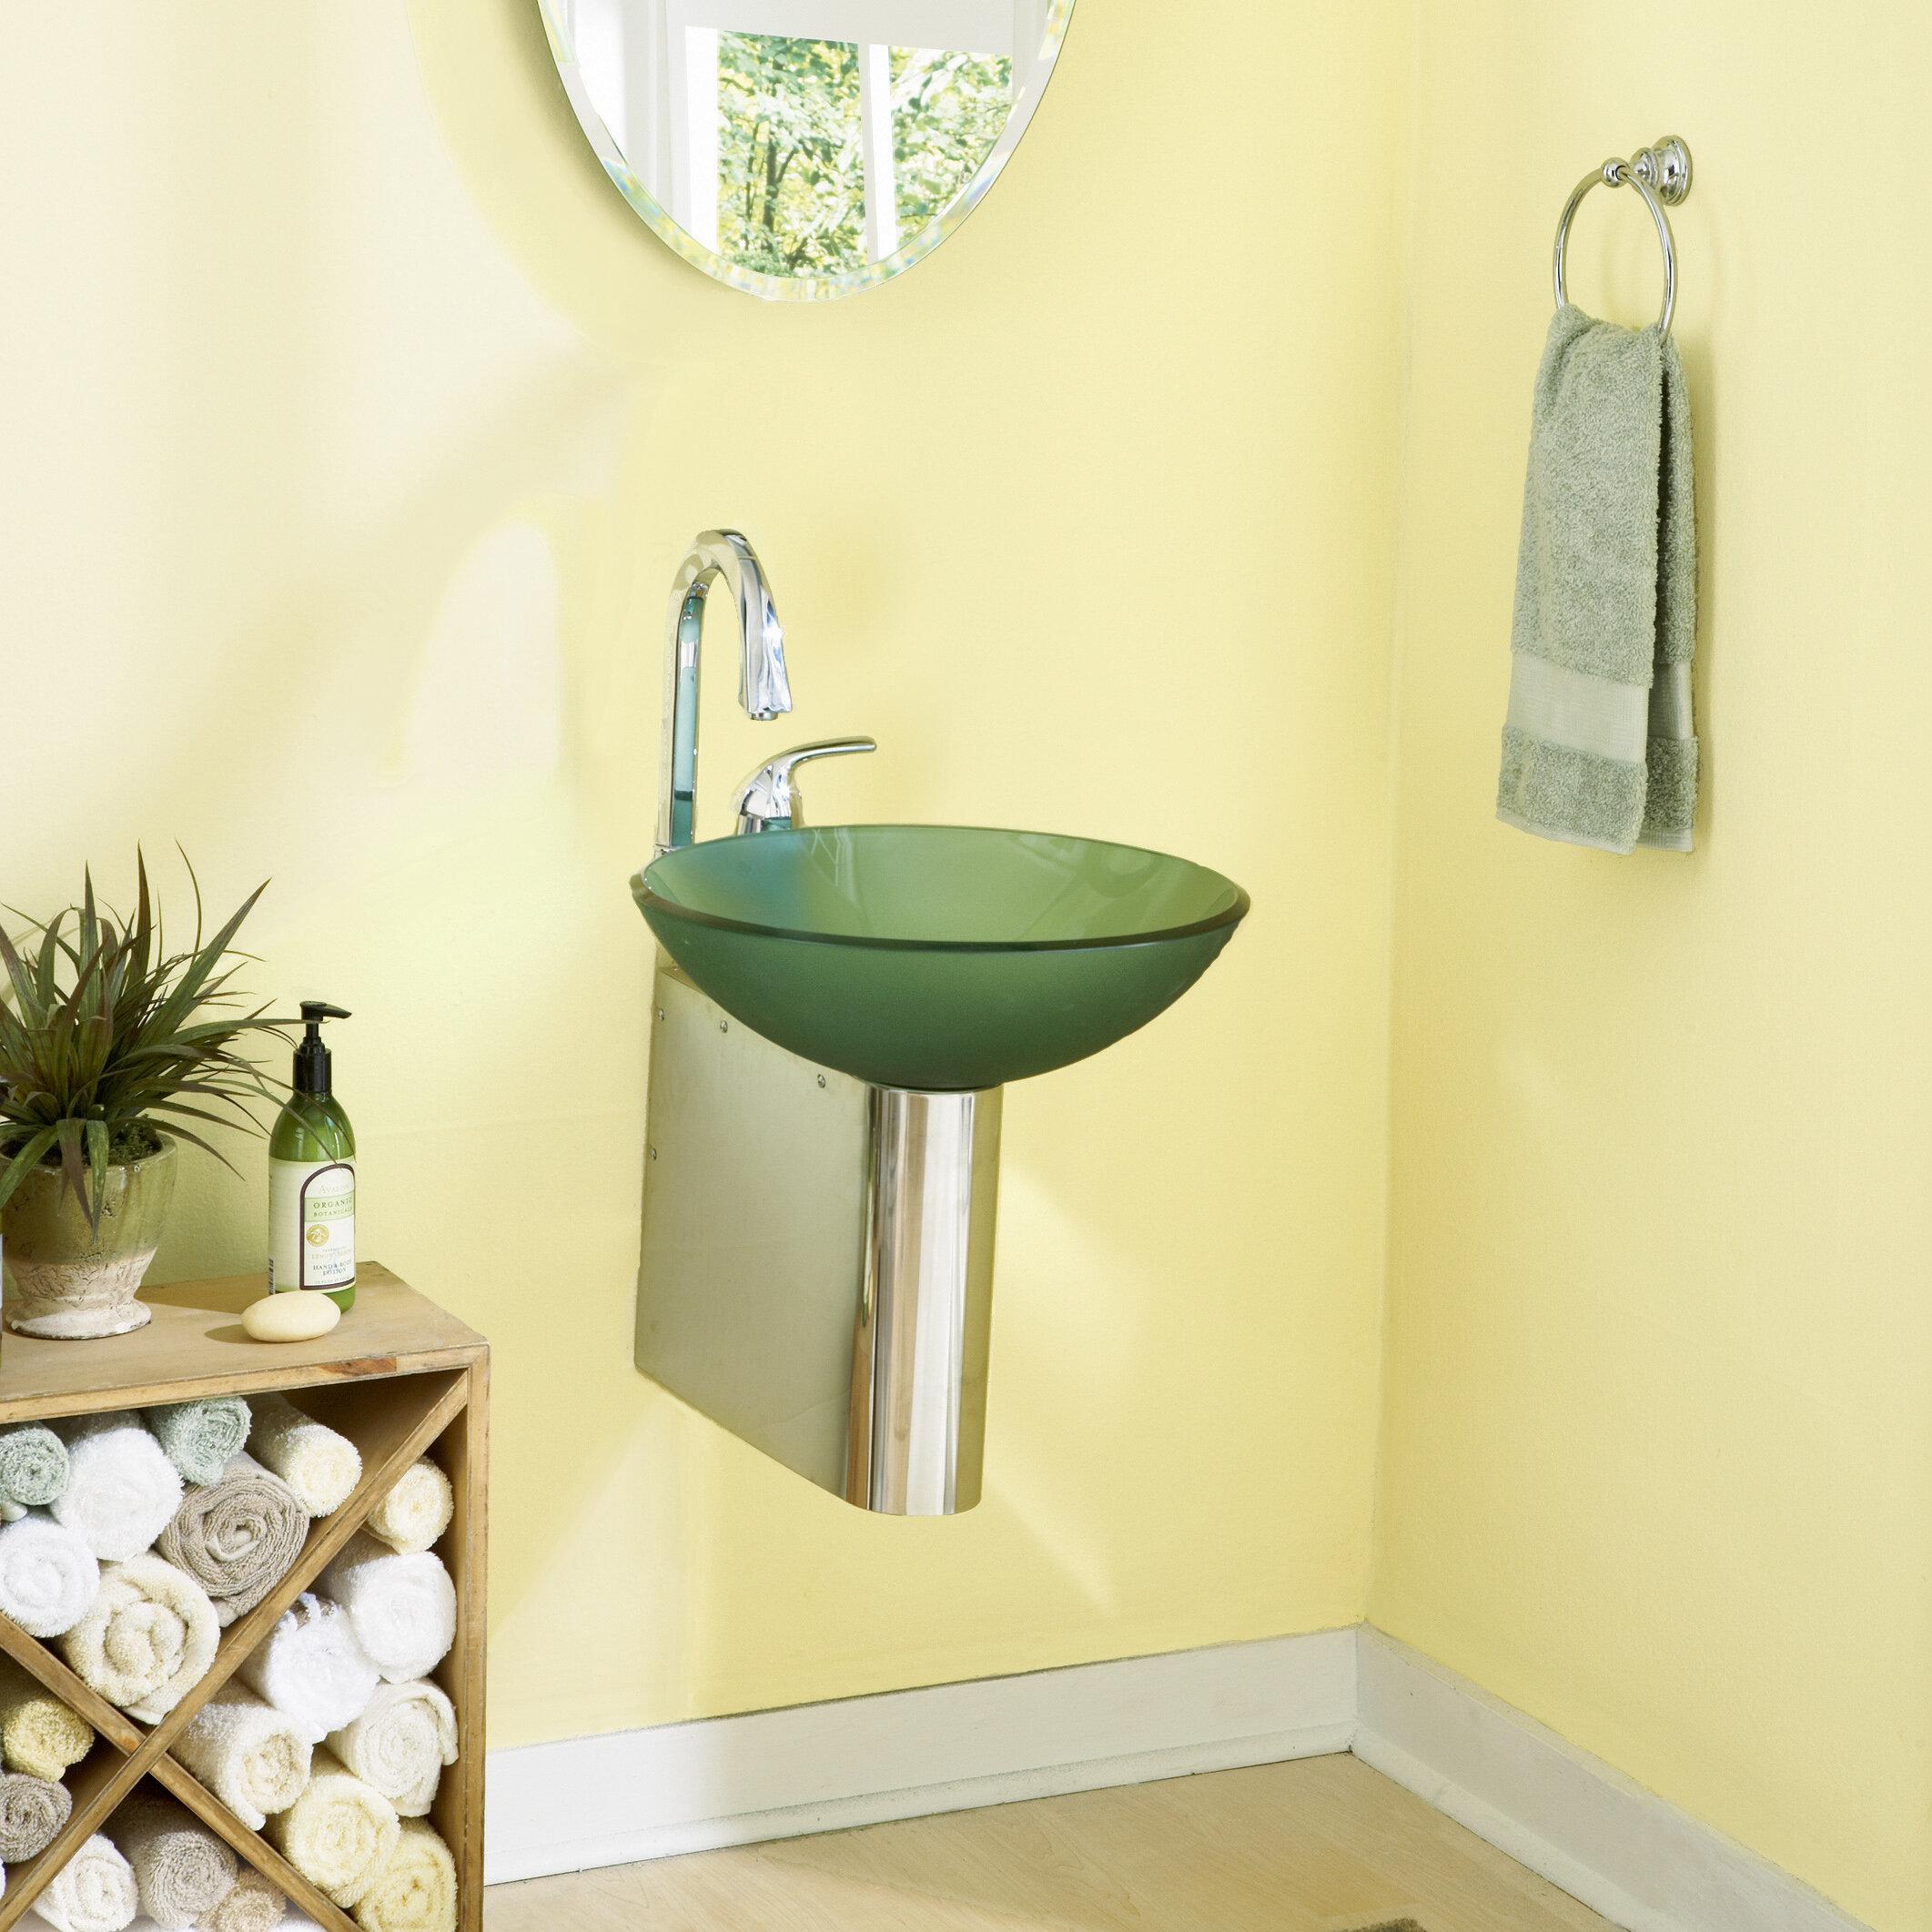 DECOLAV Wall Mounted Sink Bracket | Wayfair